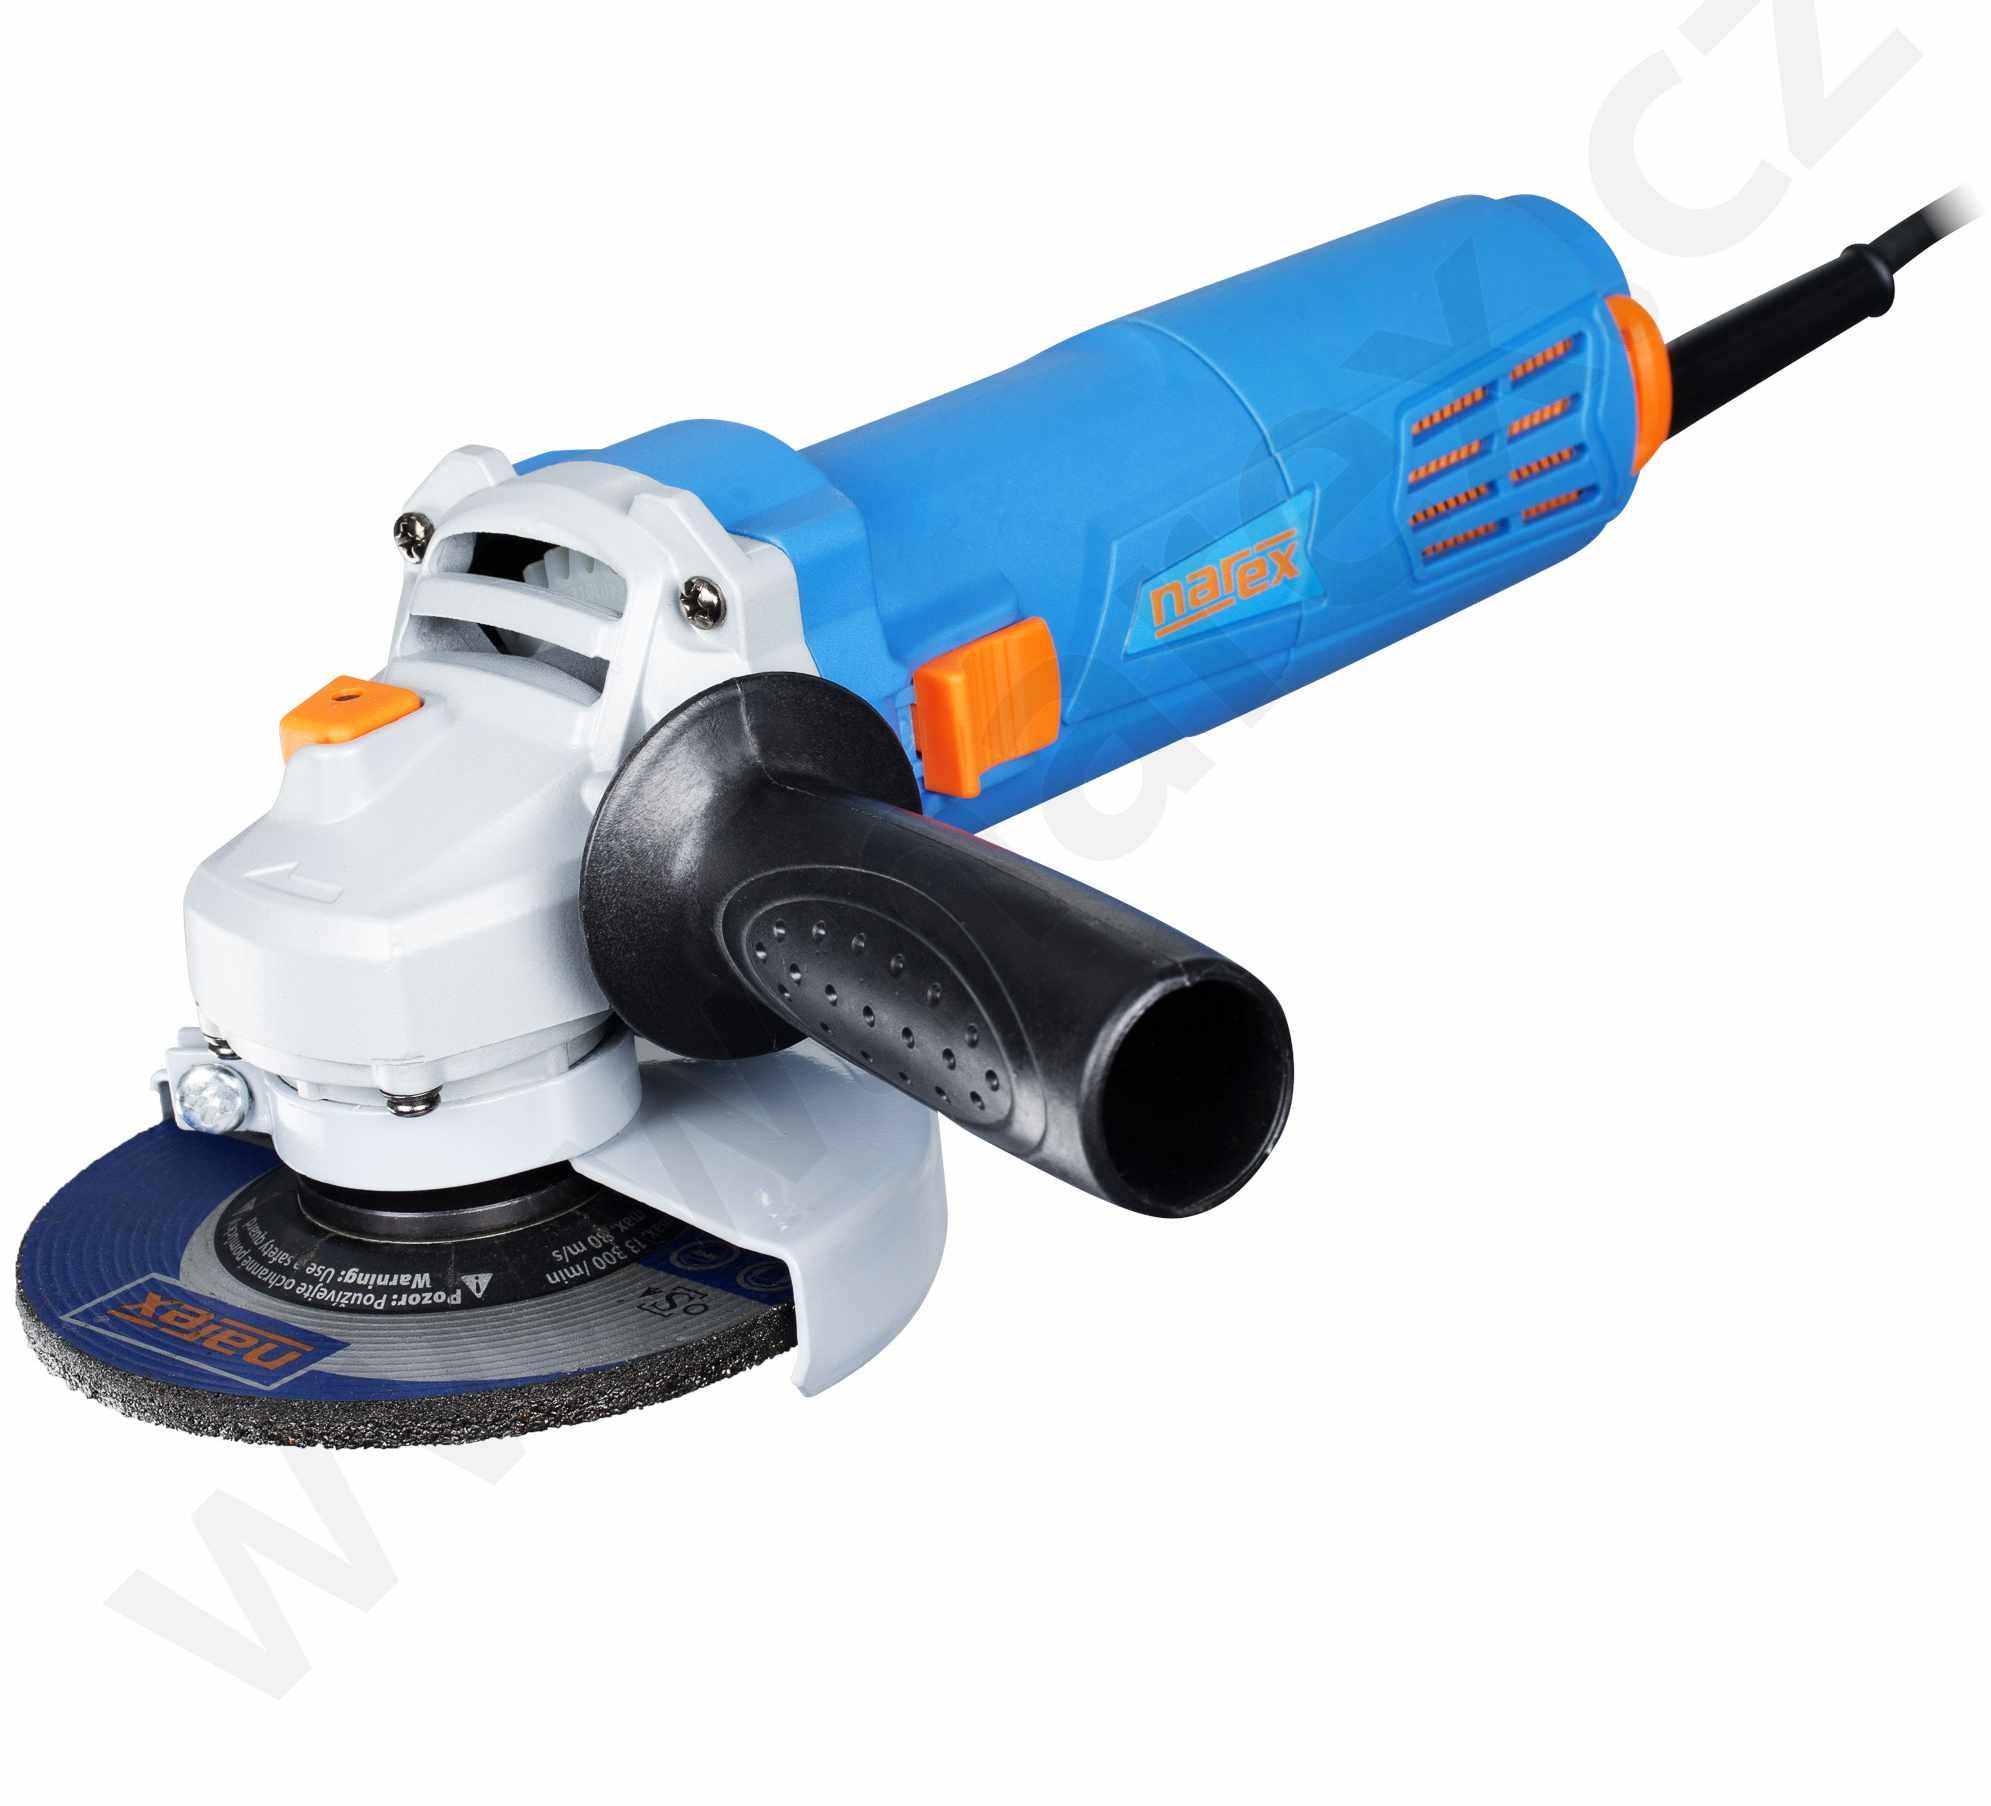 Elektrická bruska úhlová Narex EBU 115-6 č. 65404343